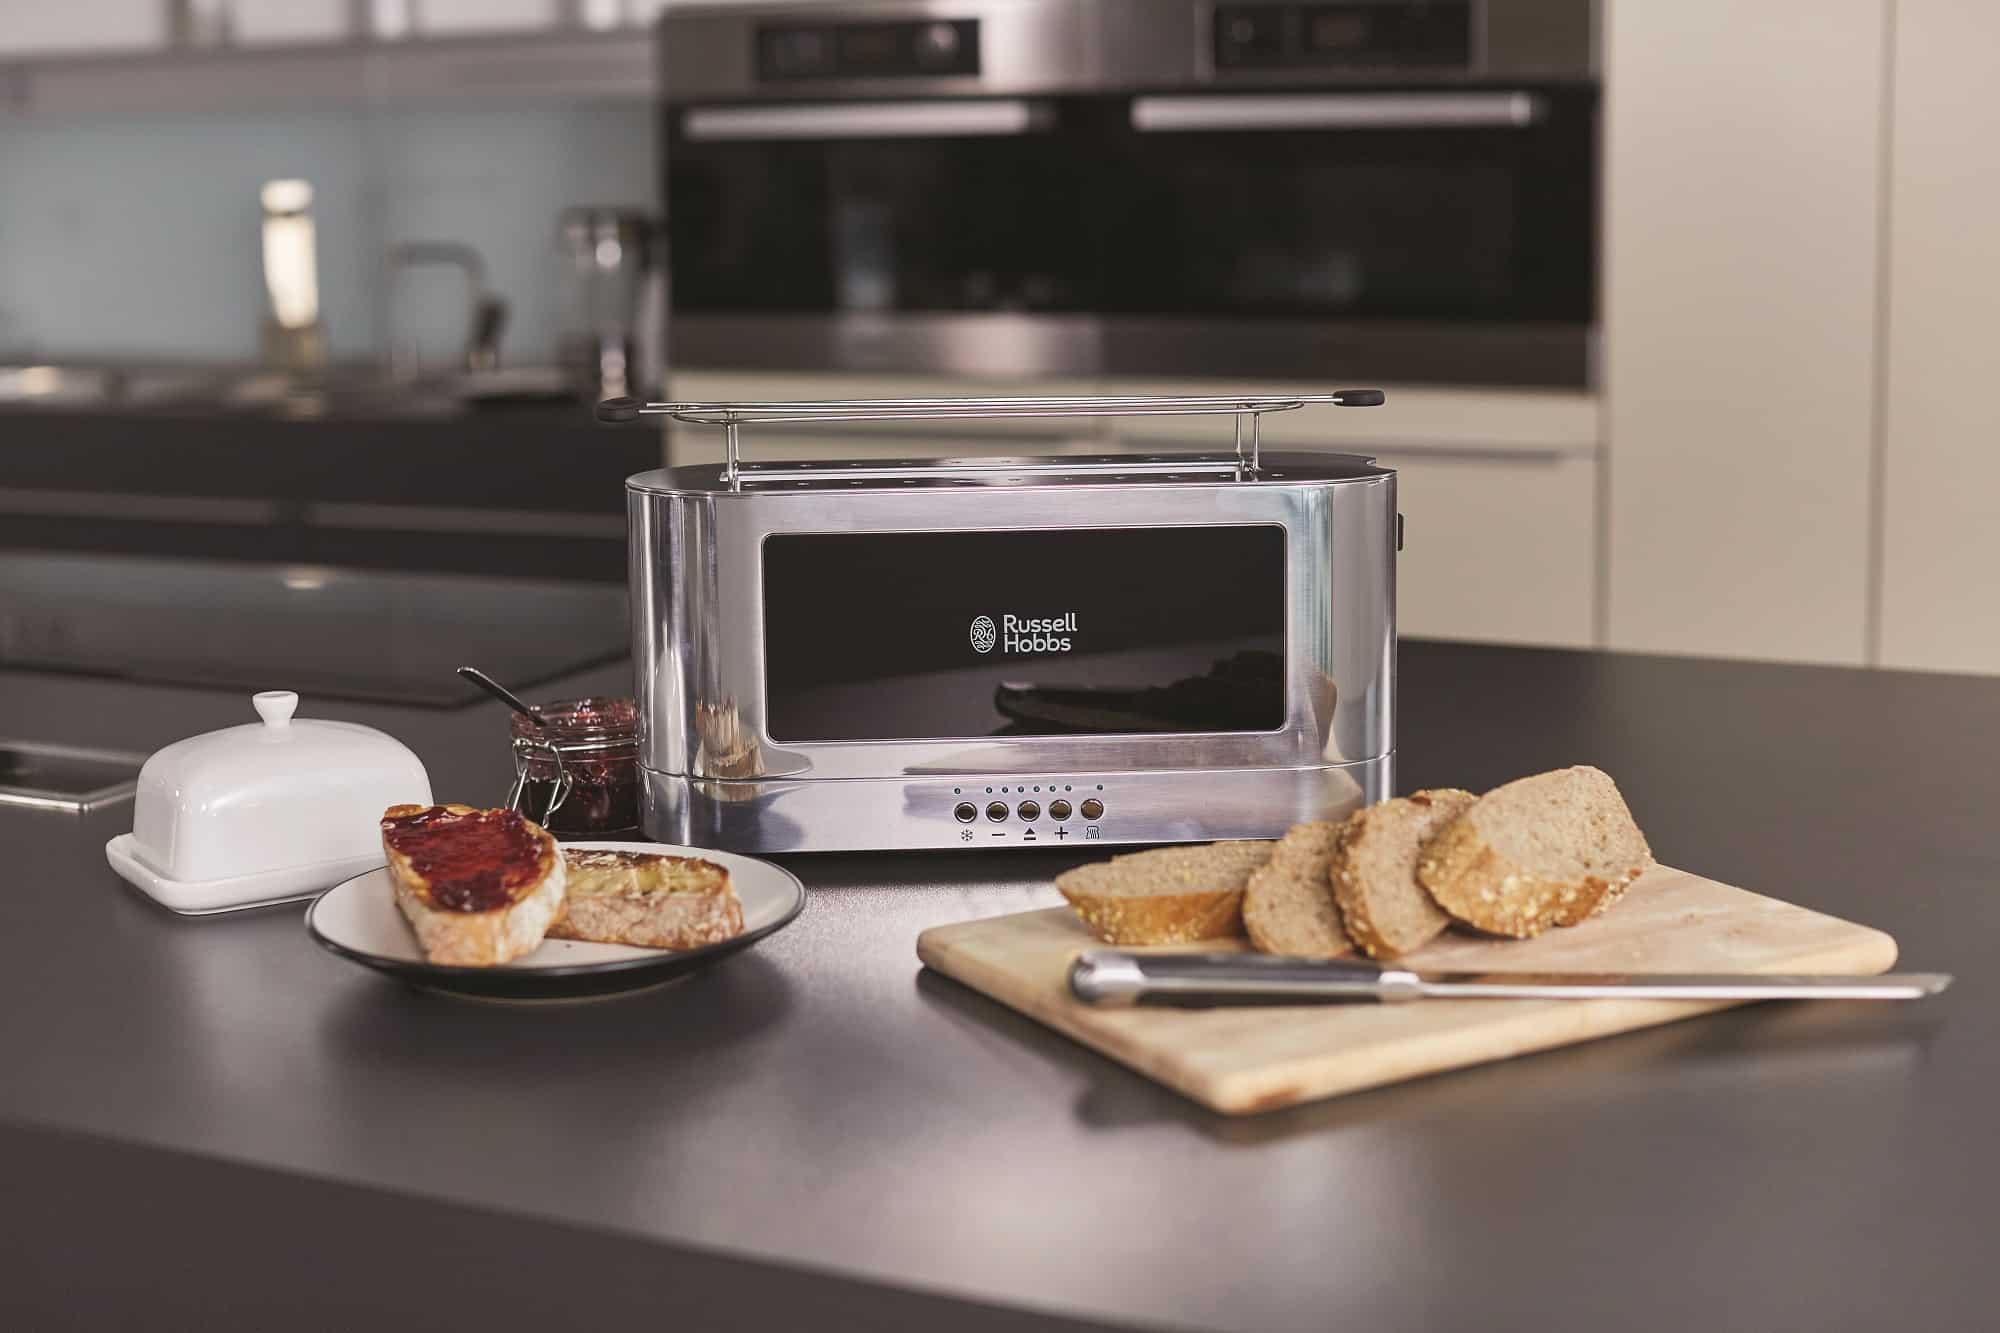 Langschlitz-Toaster aus der Elegance Serie von Russell Hobbs